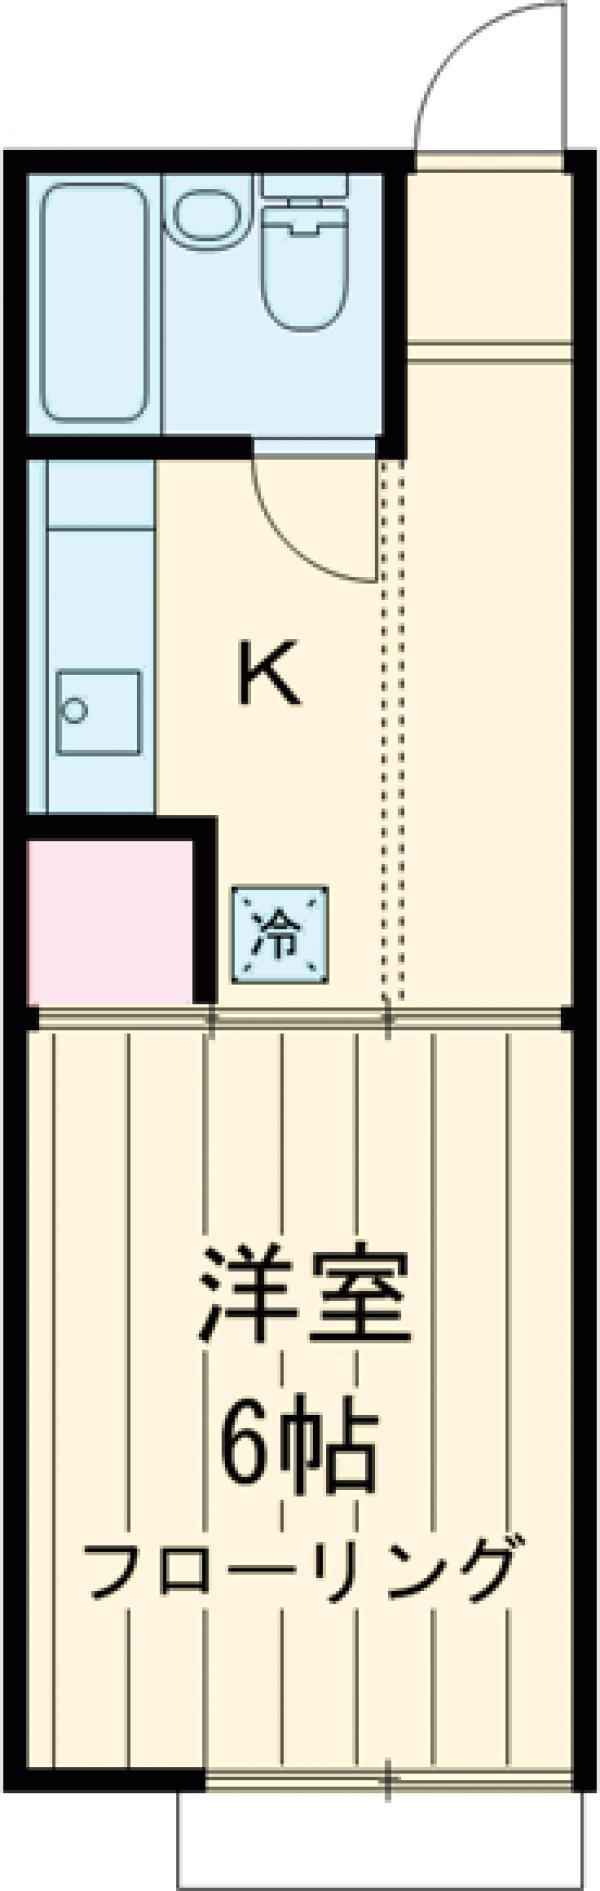 パレーシャル武蔵野・B203号室の間取り